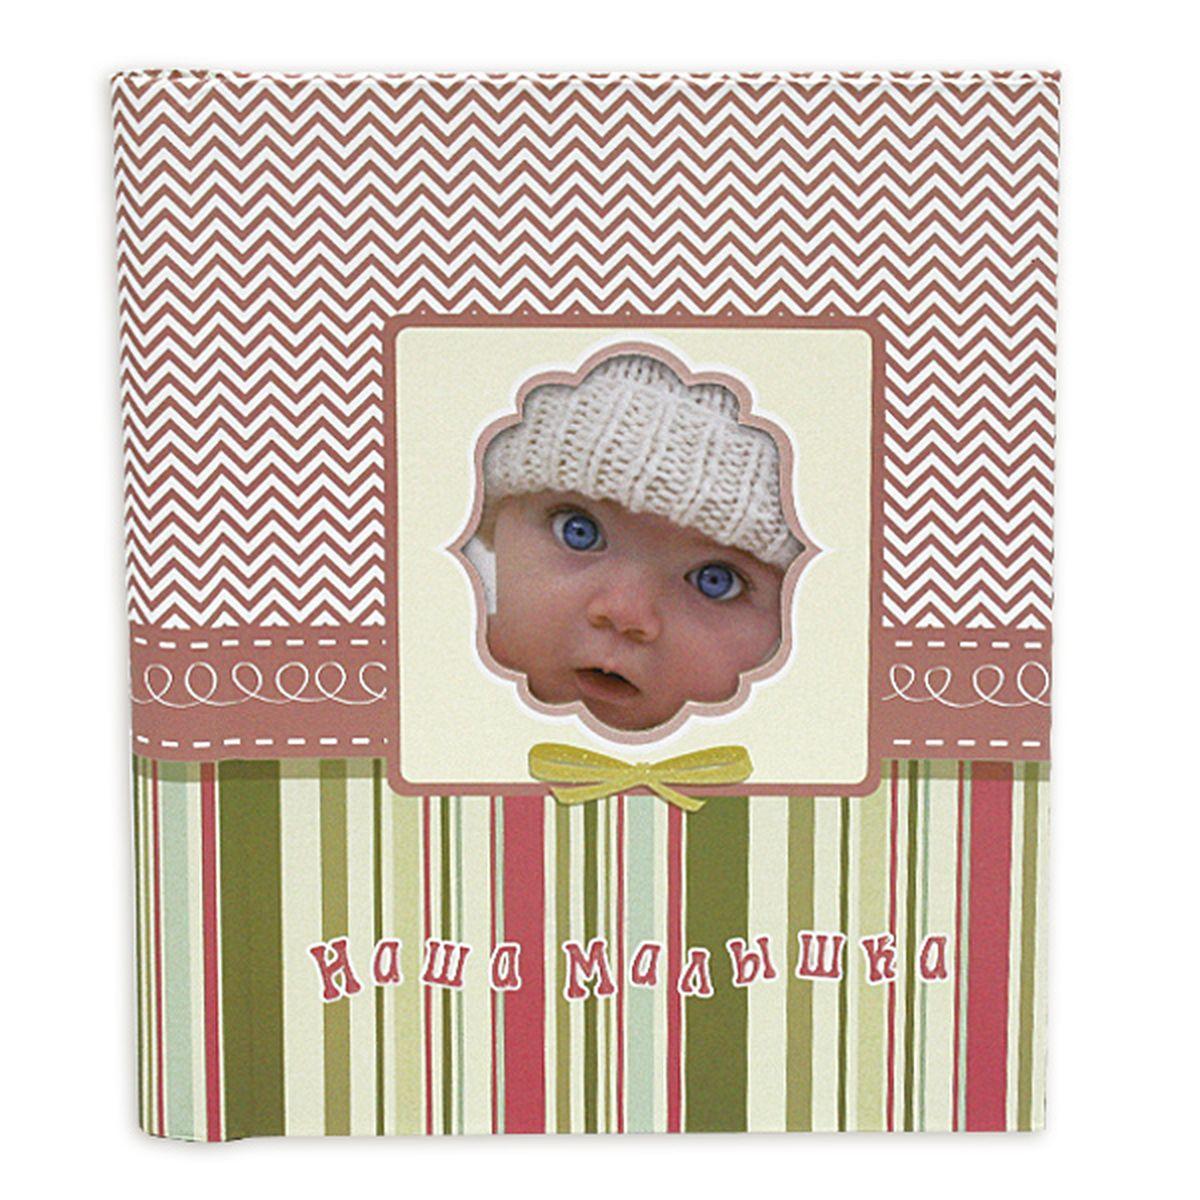 Фотокнига Pioneer Our Baby 8, 20 магнитных листов, цвет: розовый, 23 x 28 смUP210DFФотокнига Pioneer Our Baby 8 позволит вам запечатлеть моменты жизни вашего ребенка. Изделие выполнено из картона и плотной бумаги, может быть использована для создания памятного альбома в технике скрапбукинг. В книге находится 20 страниц-анкет для заполнения и рамка для фото. Всего внутри может быть расположено 20 фото. Тип скрепления: спиральФормат фотографий: 23 х 28 смМатериал страниц: бумагаТип страниц: магнитный